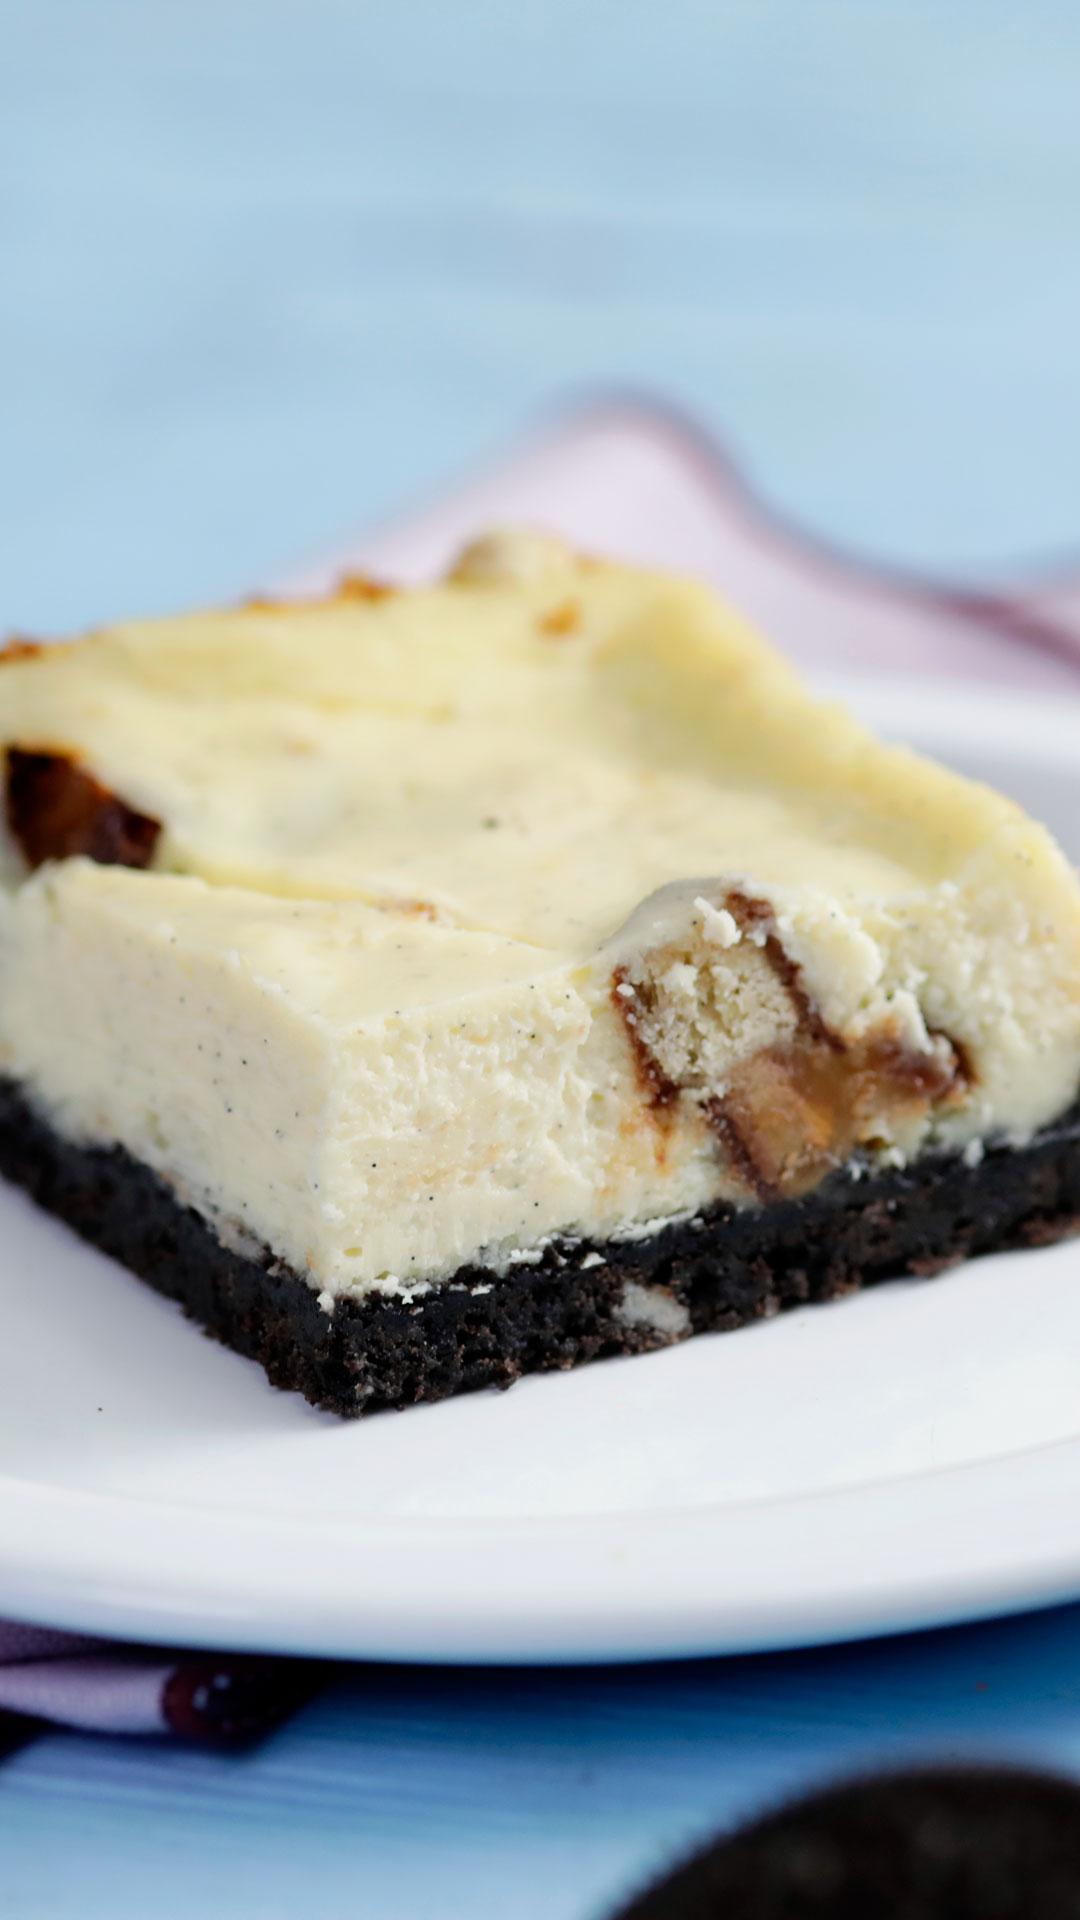 Twix-Filled Cheesecake Bars